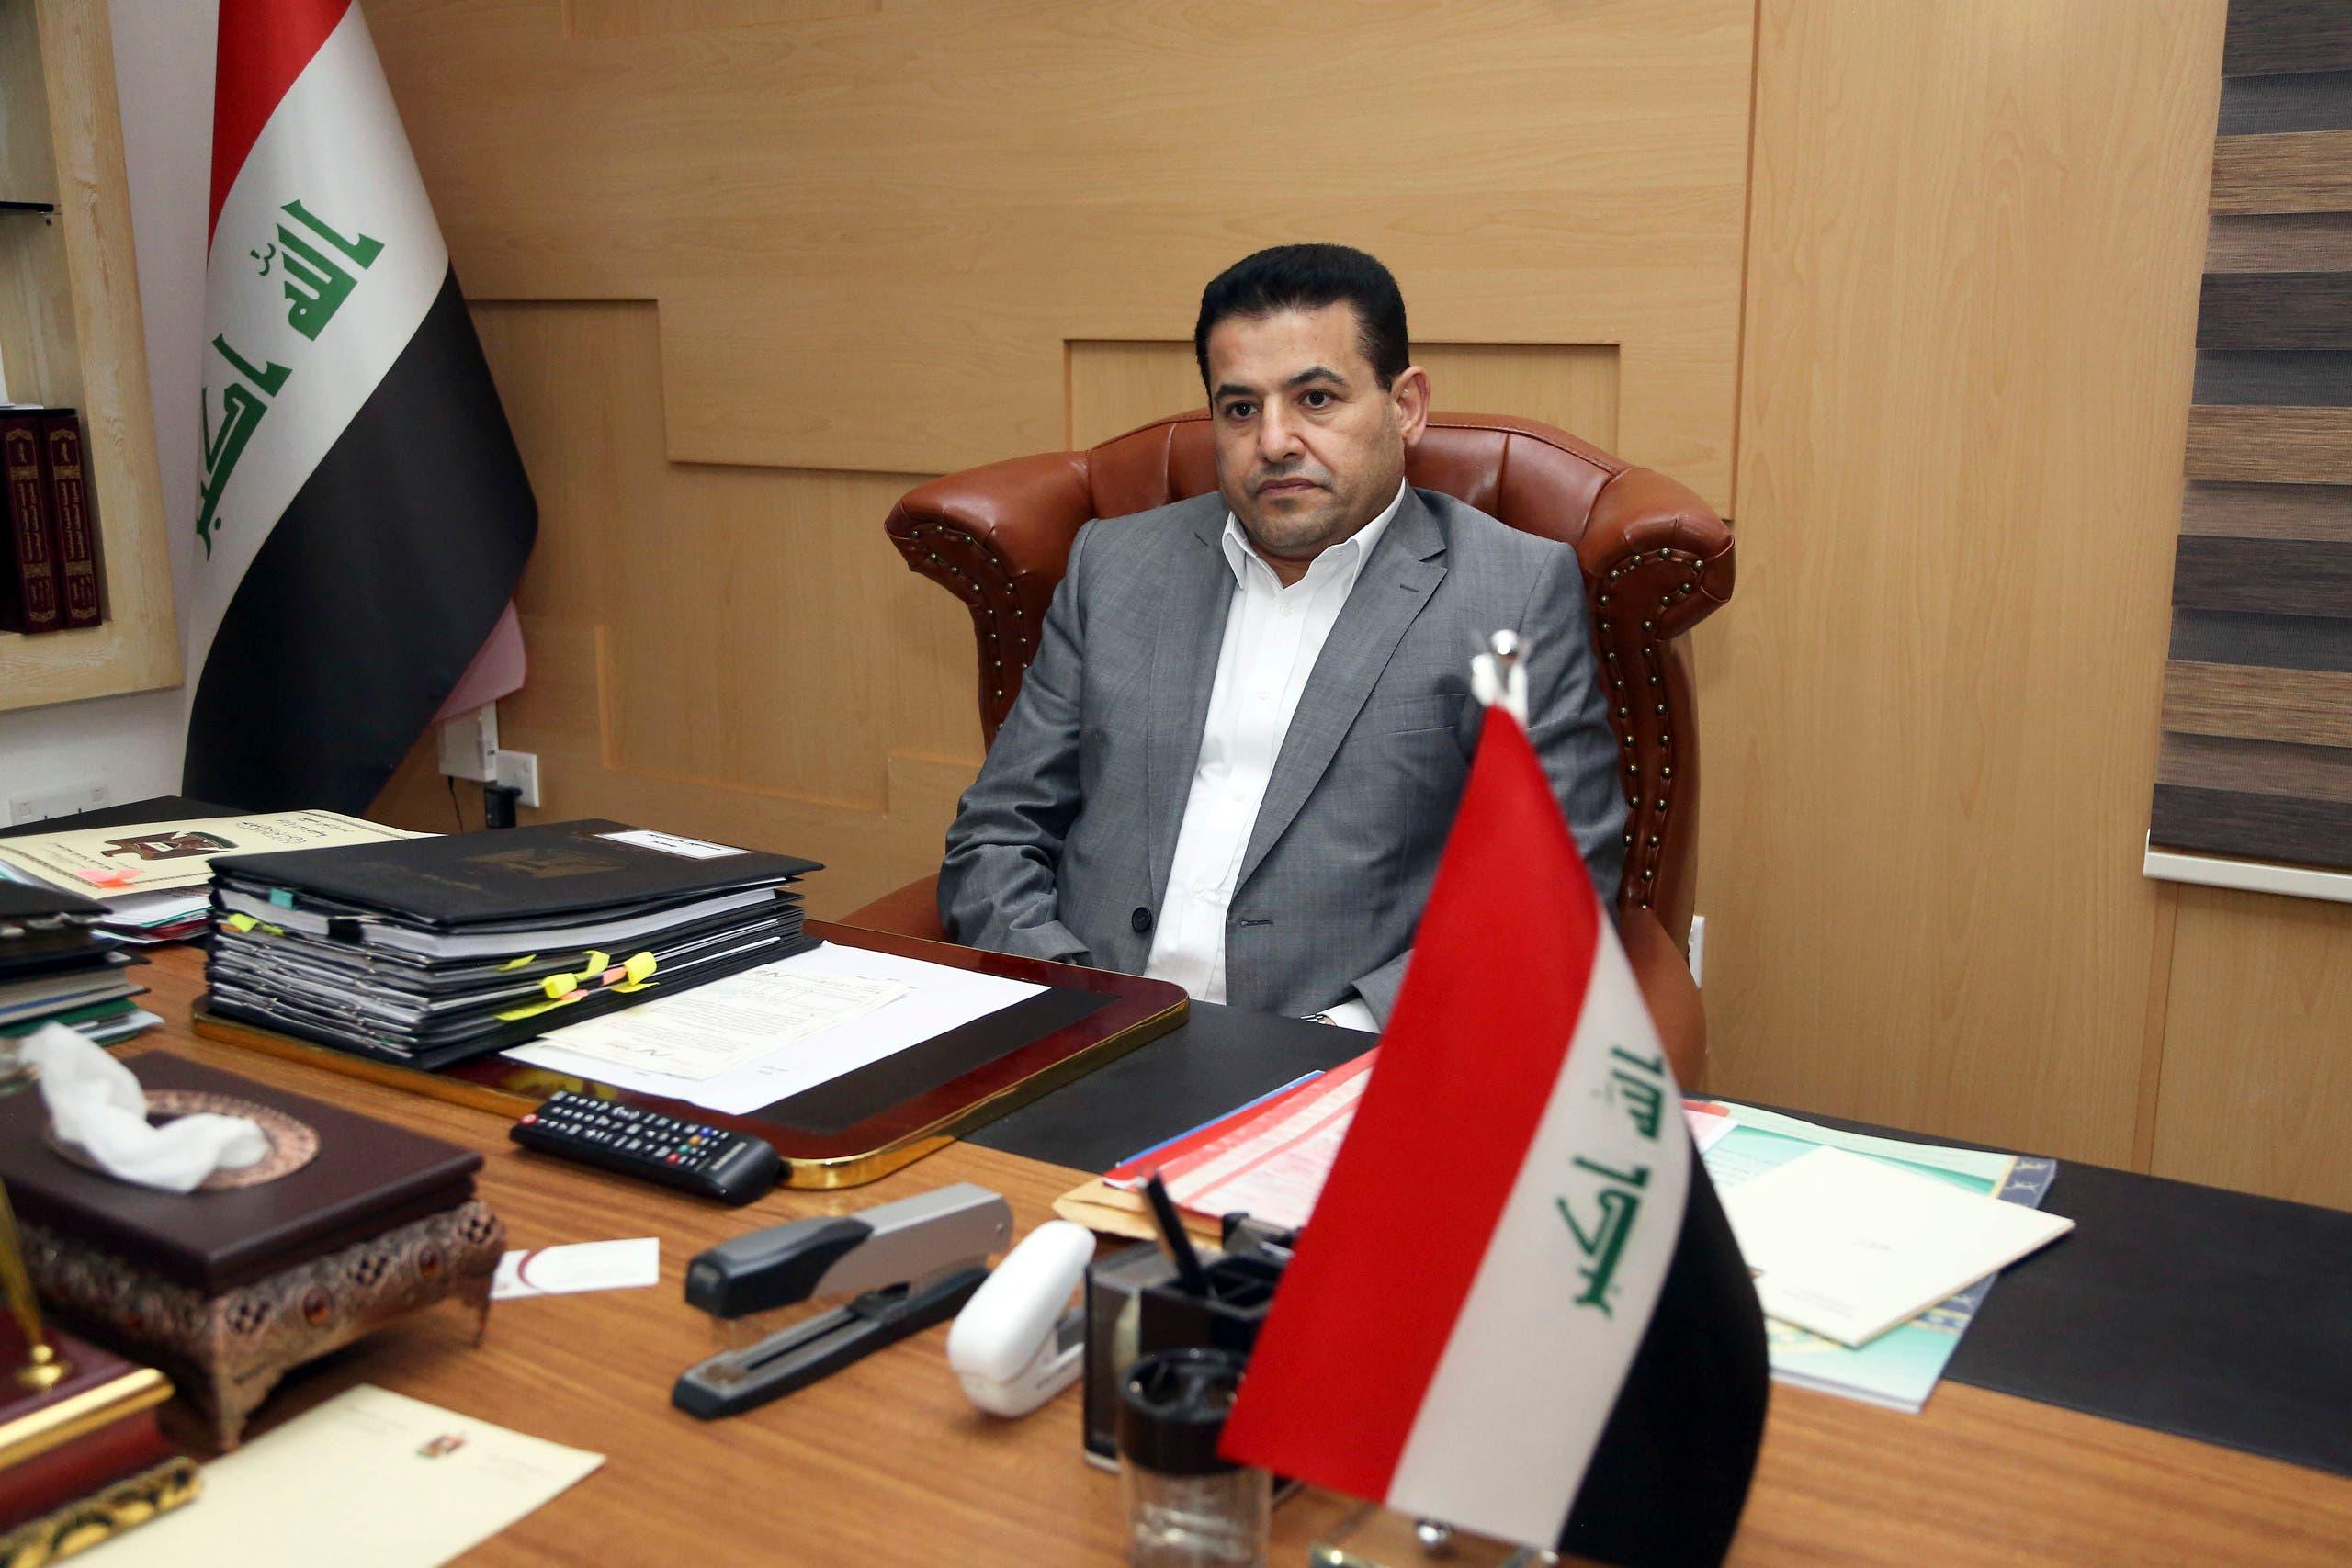 وزير الداخلية العراقي السابق قاسم الأعرجي